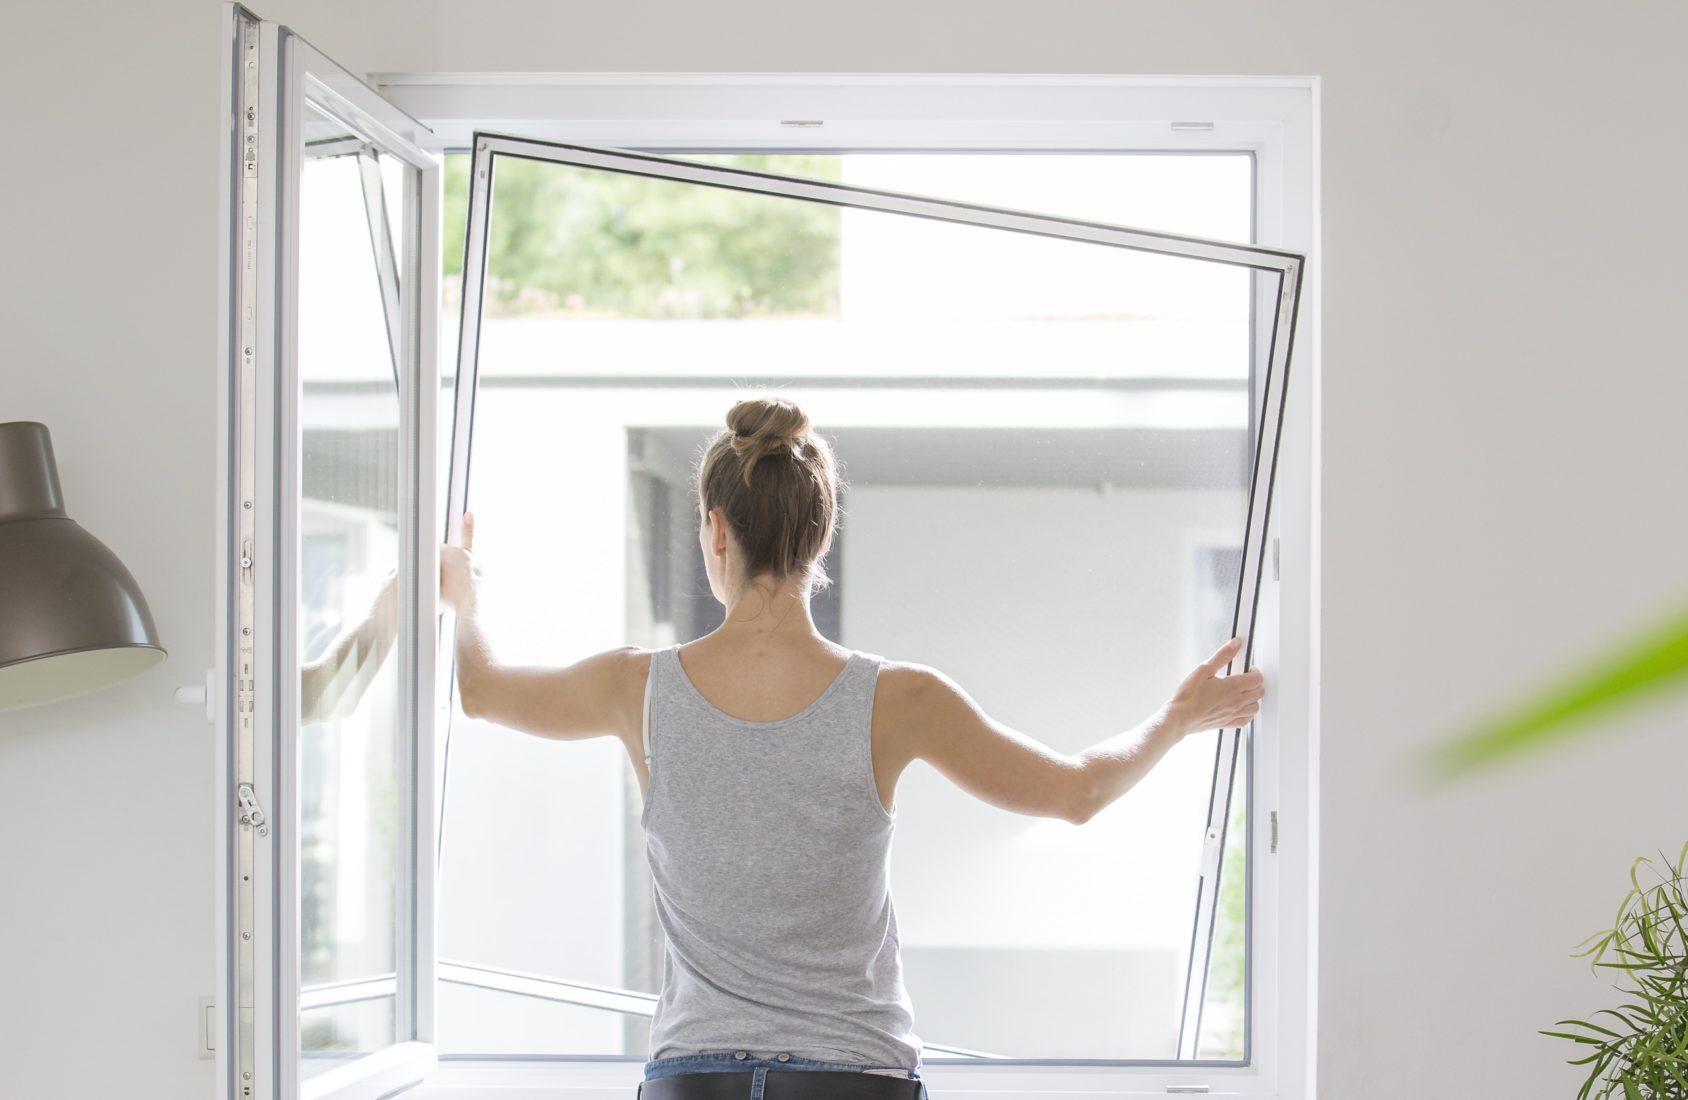 Abschirmgitter lassen sich mithilfe eines Spannrahmens einfach in die Fensterlaibung einbauen. Foto: Neher Systeme